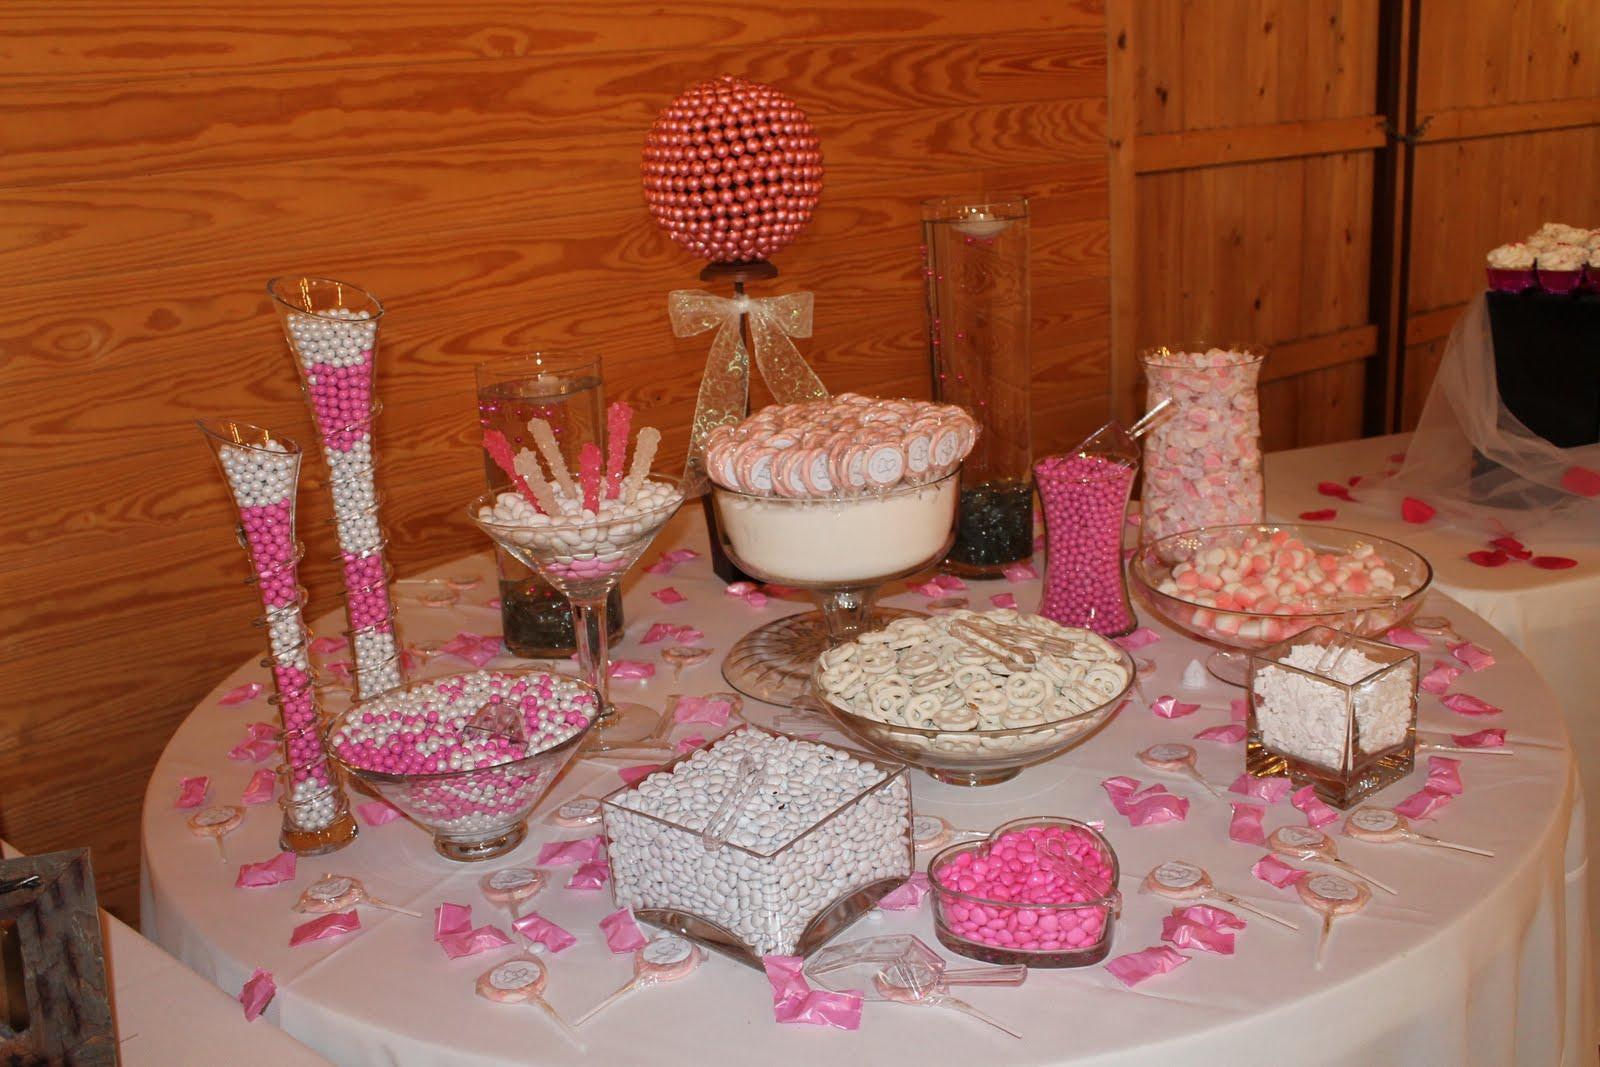 Candy bar alebo sladkosti na svadbe - Obrázok č. 2